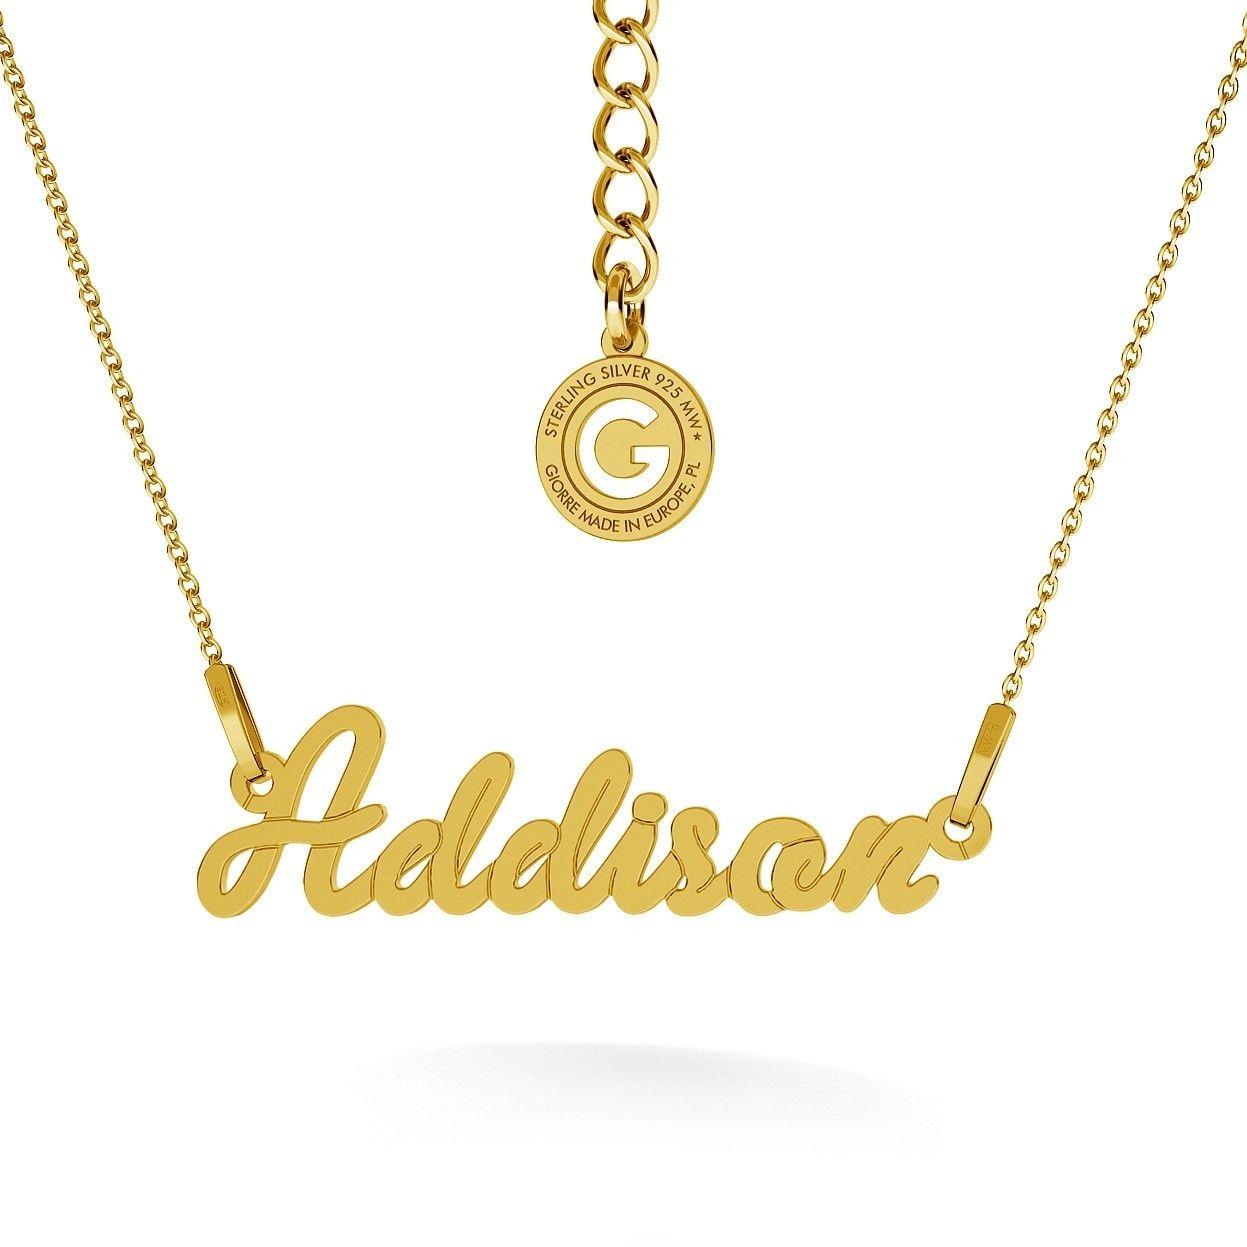 Srebrny naszyjnik celebrytka z imieniem, srebro 925 : Srebro - kolor pokrycia - Pokrycie żółtym 18K złotem